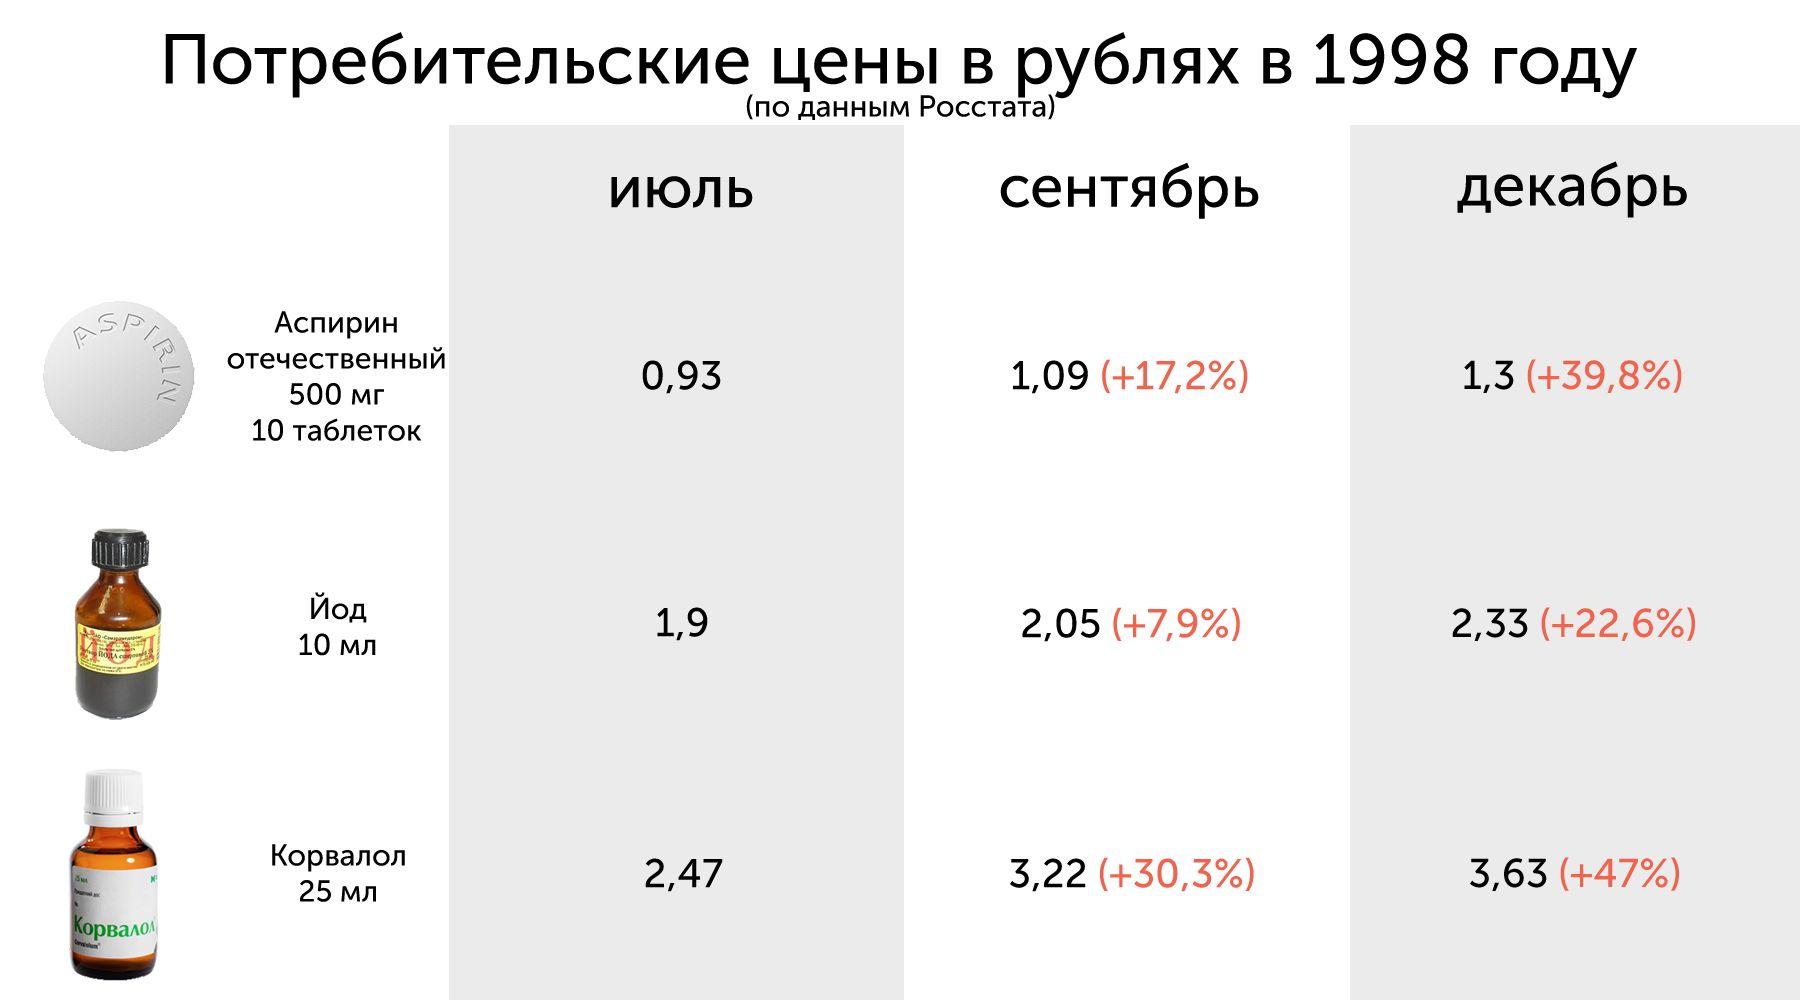 ©Инфографика Юга.ру